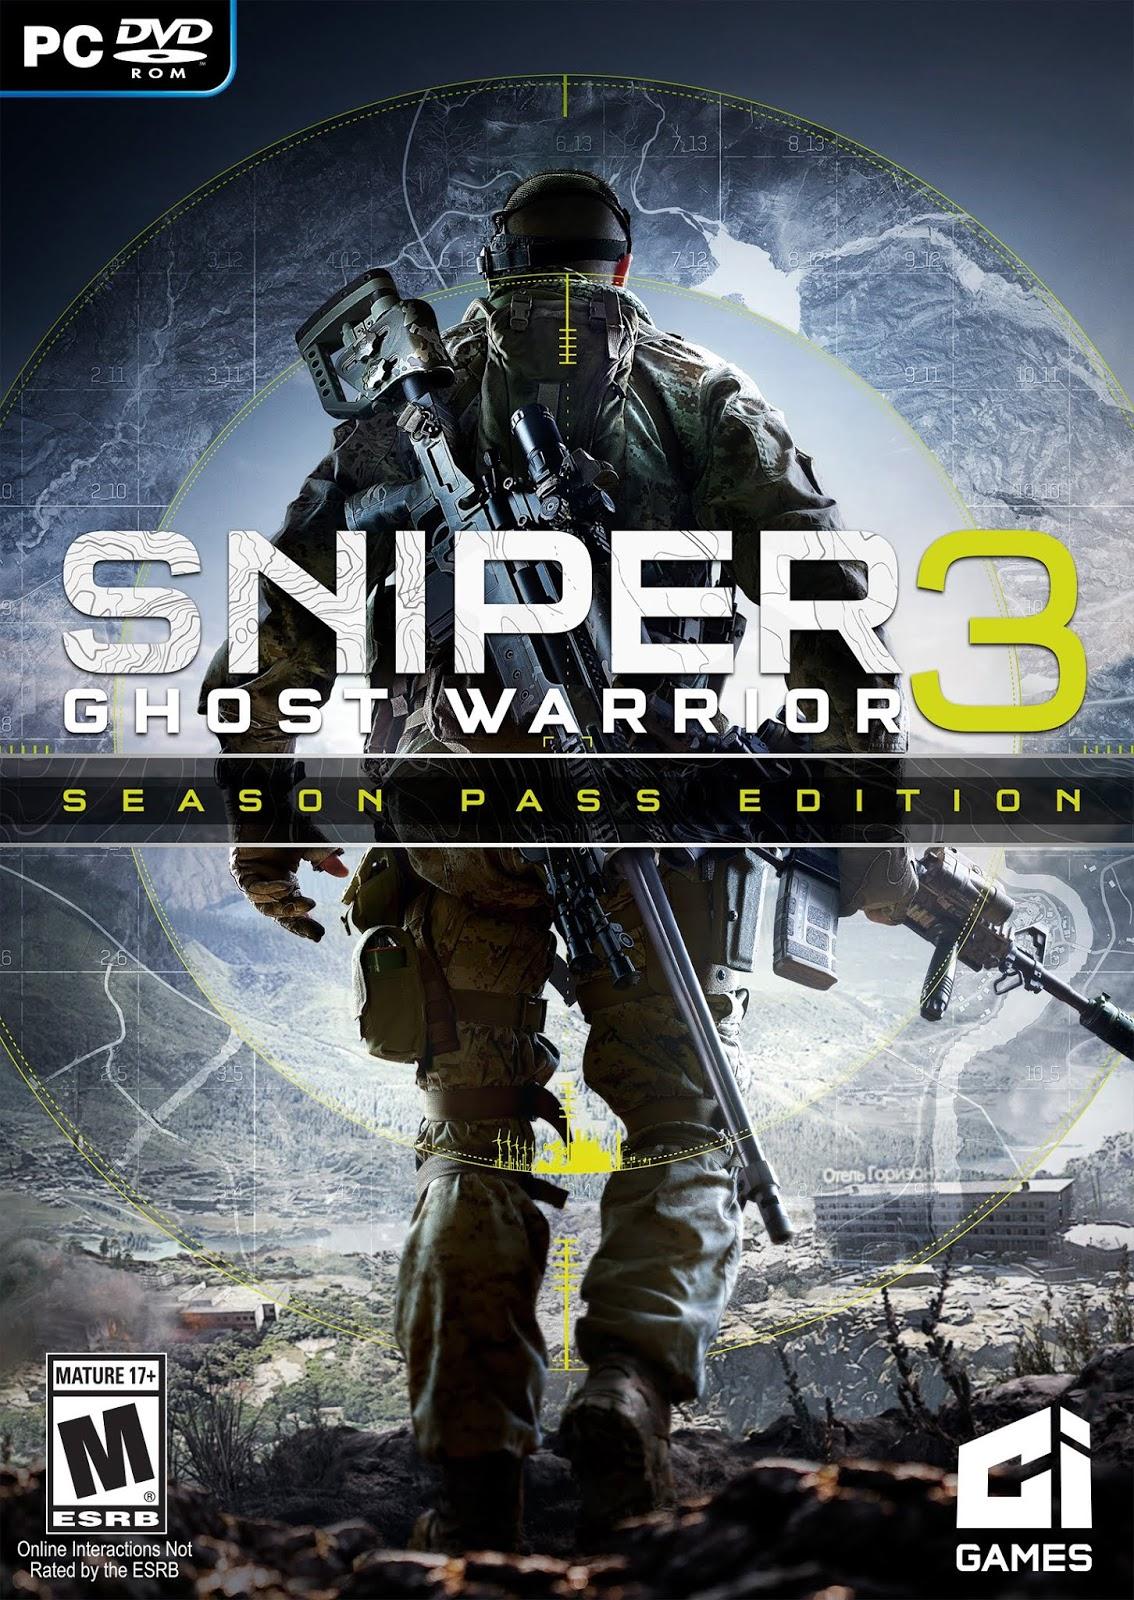 تحميل لعبة sniper ghost warrior 3 مضغوطة